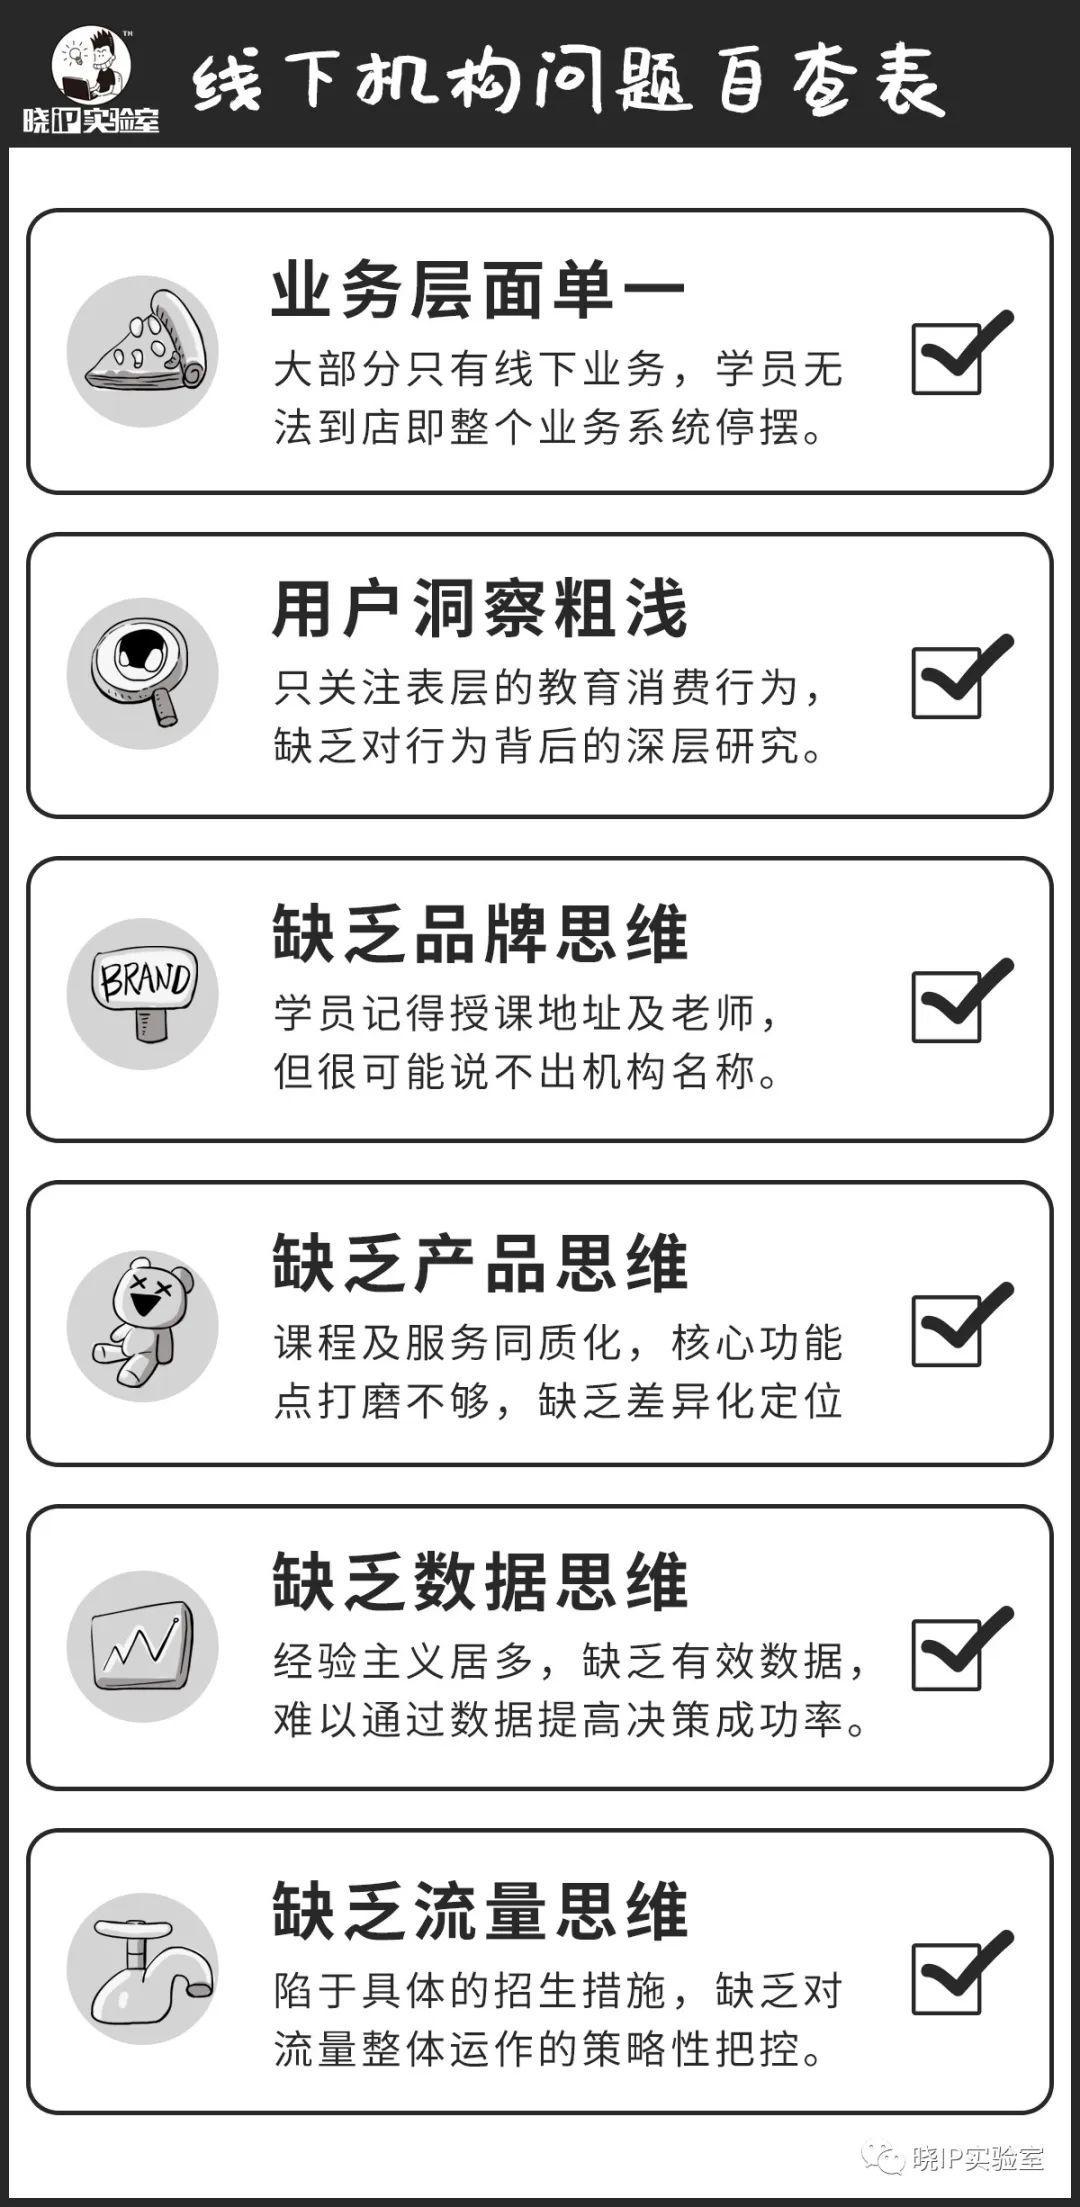 【晓IP实验室】教育机构疫后重启必读:5个认知+5个建议(上)